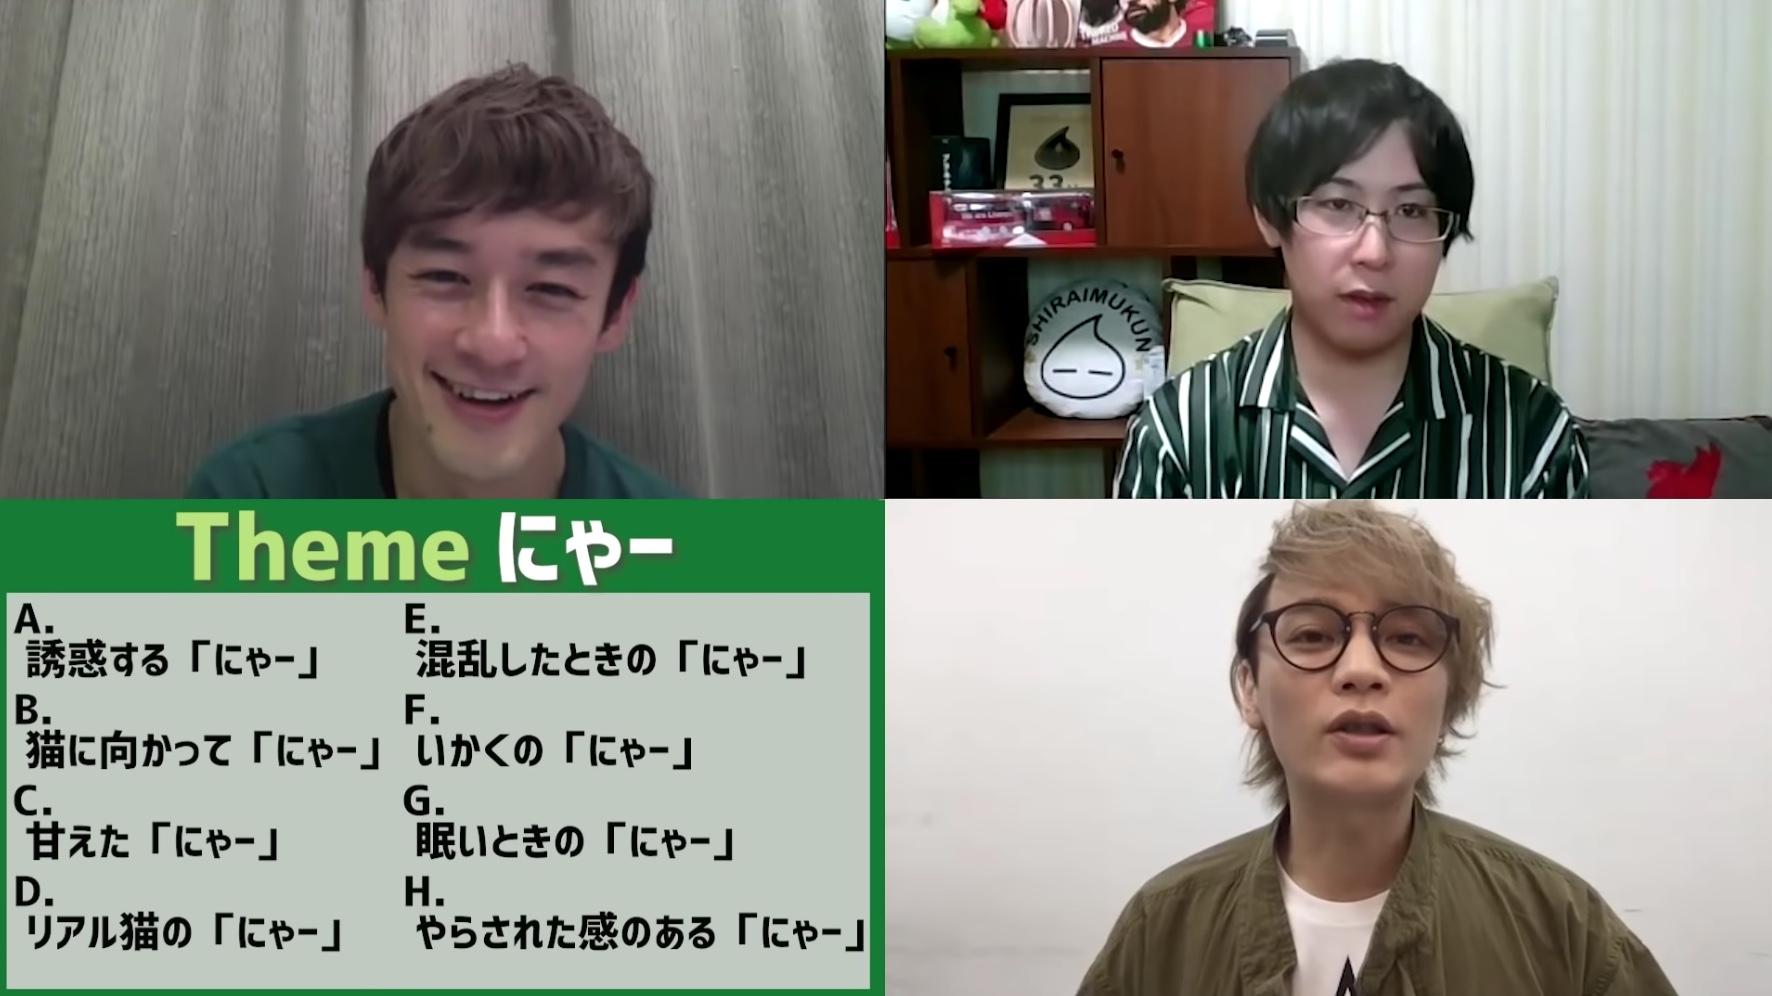 浅沼晋太郎さん&五十嵐雅さんが白井悠介さんのYouTubeチャンネルに登場!『A3!』春組集合で演技力ゲームをプレイ